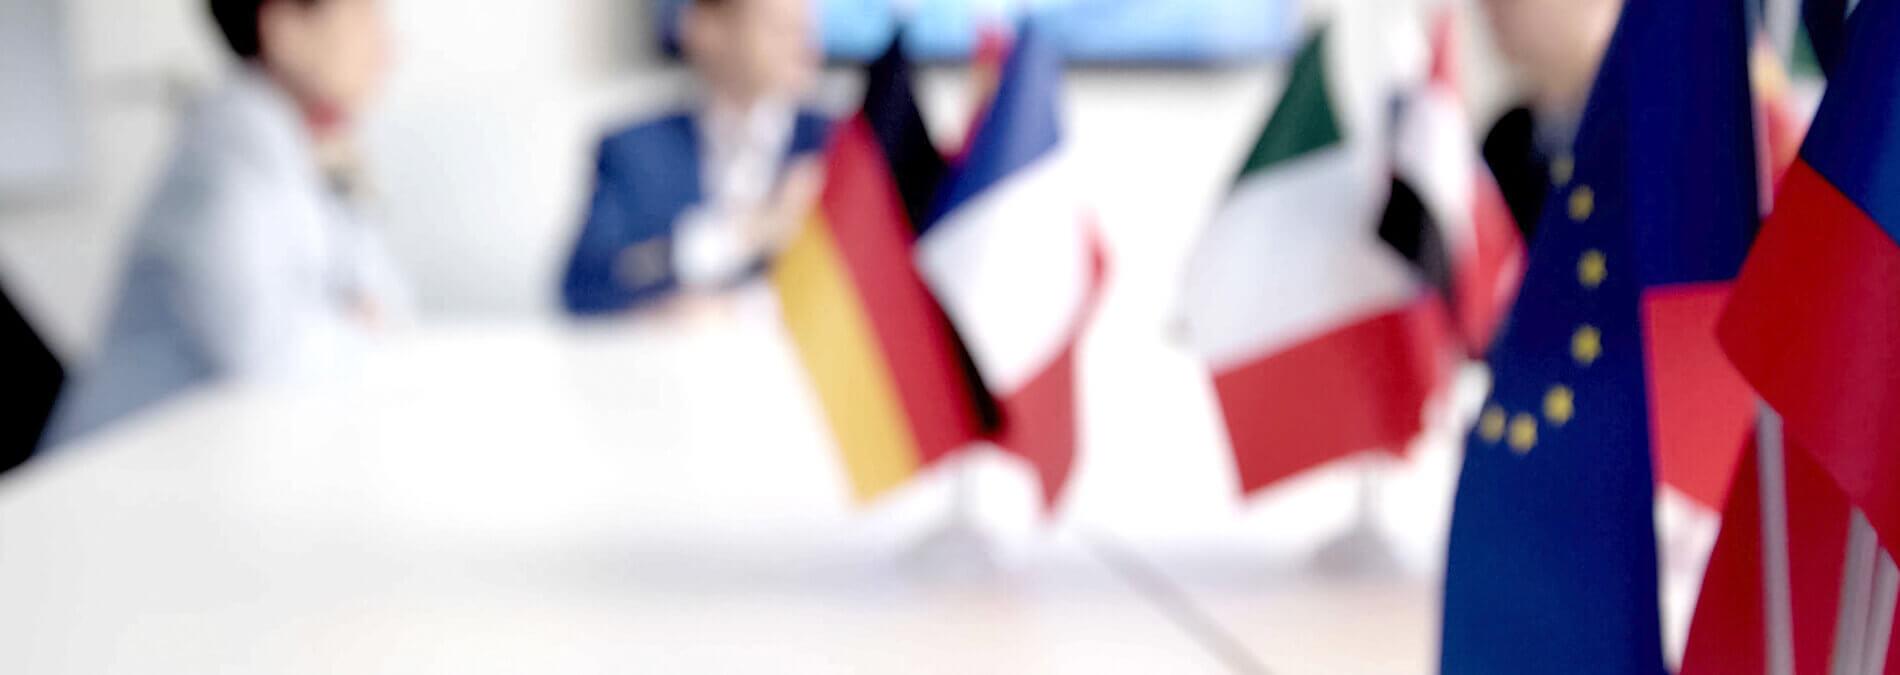 Energiepolitik Verschwommene Darstellung Europäische Flaggen